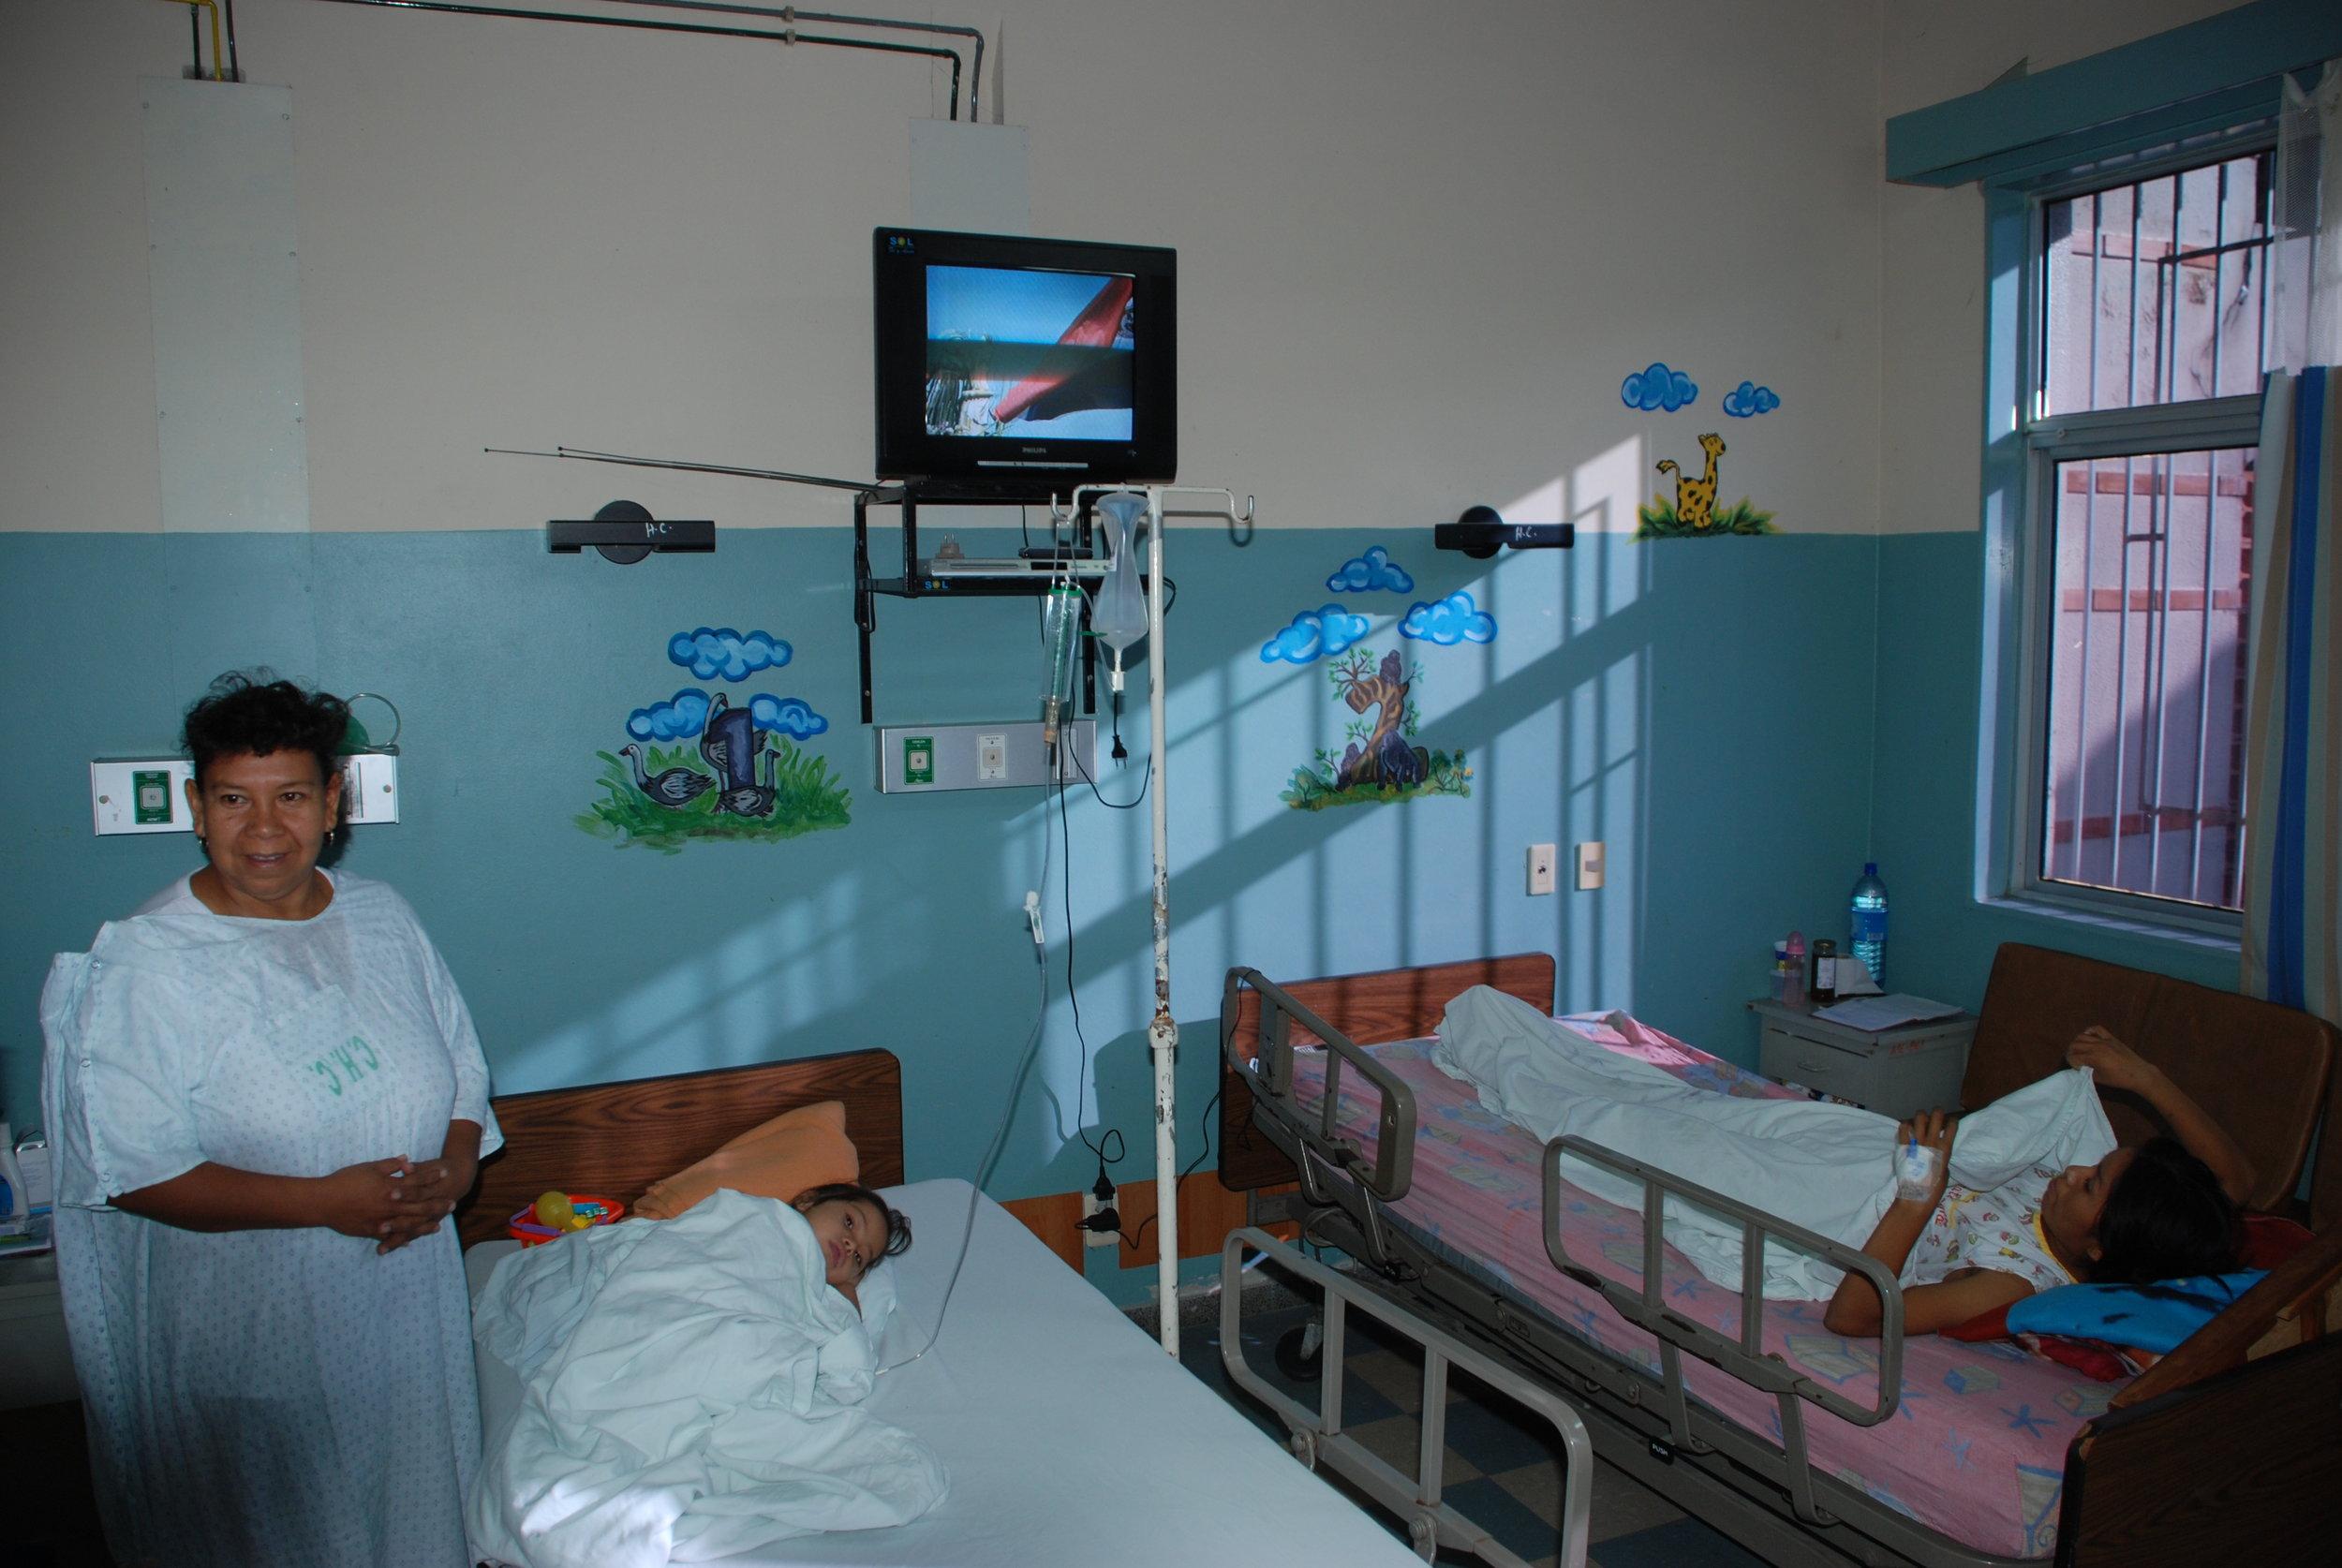 Centro Maternal Infantil Hemo-Oncology inpatient treatment